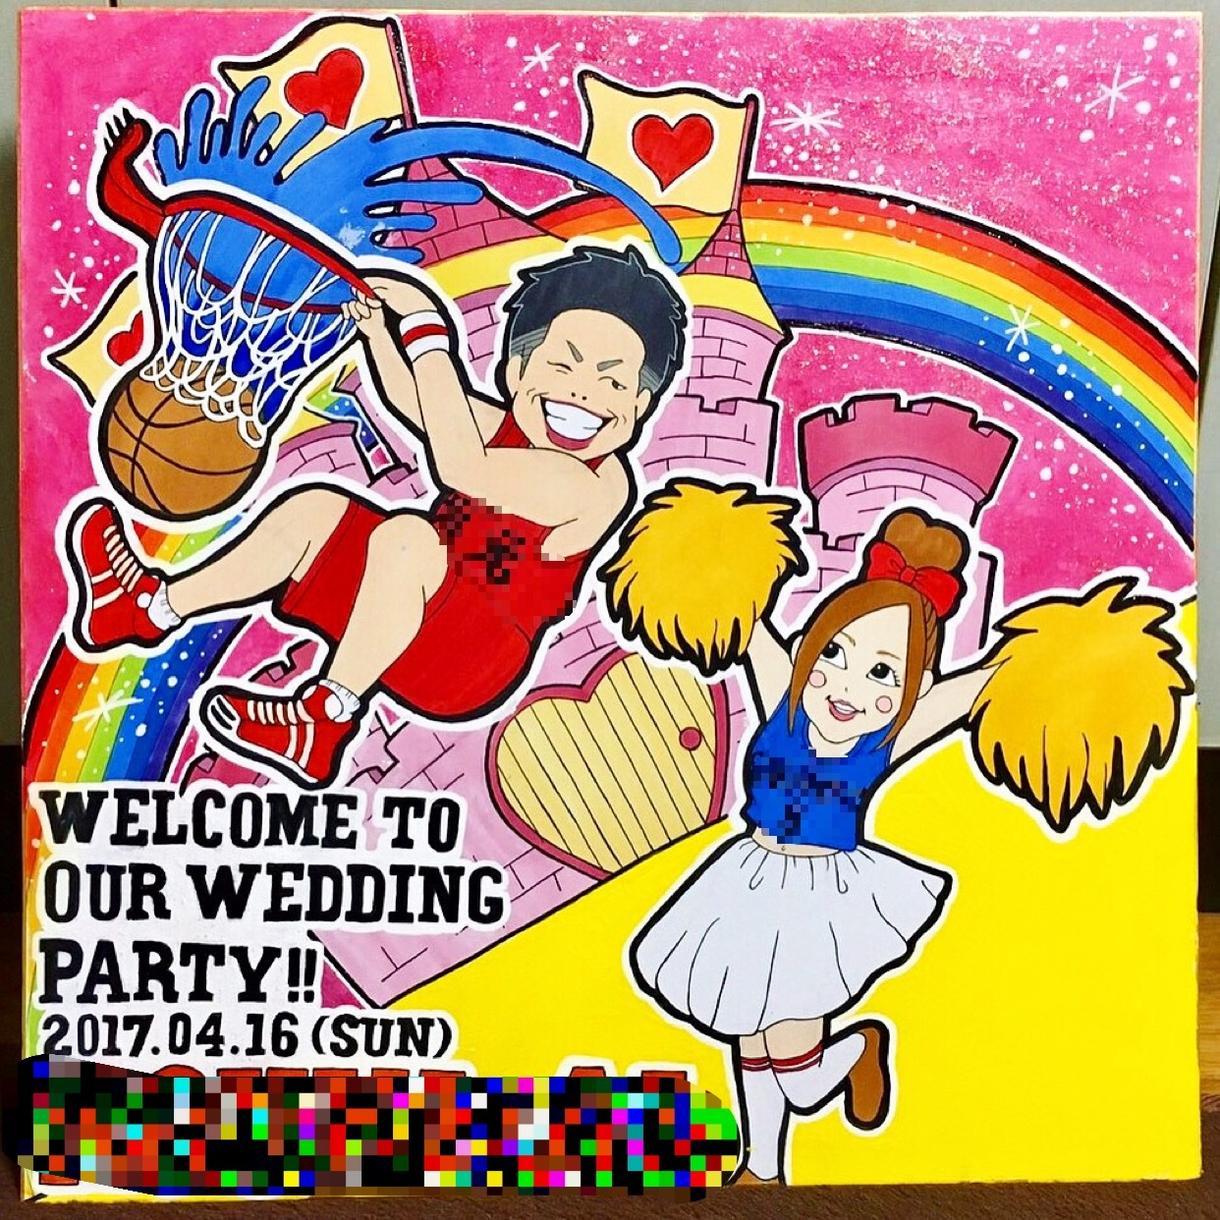 結婚式のウェルカムボード作成します 結婚式の会場に映える☆ポップで楽しいウェルカムボード☆